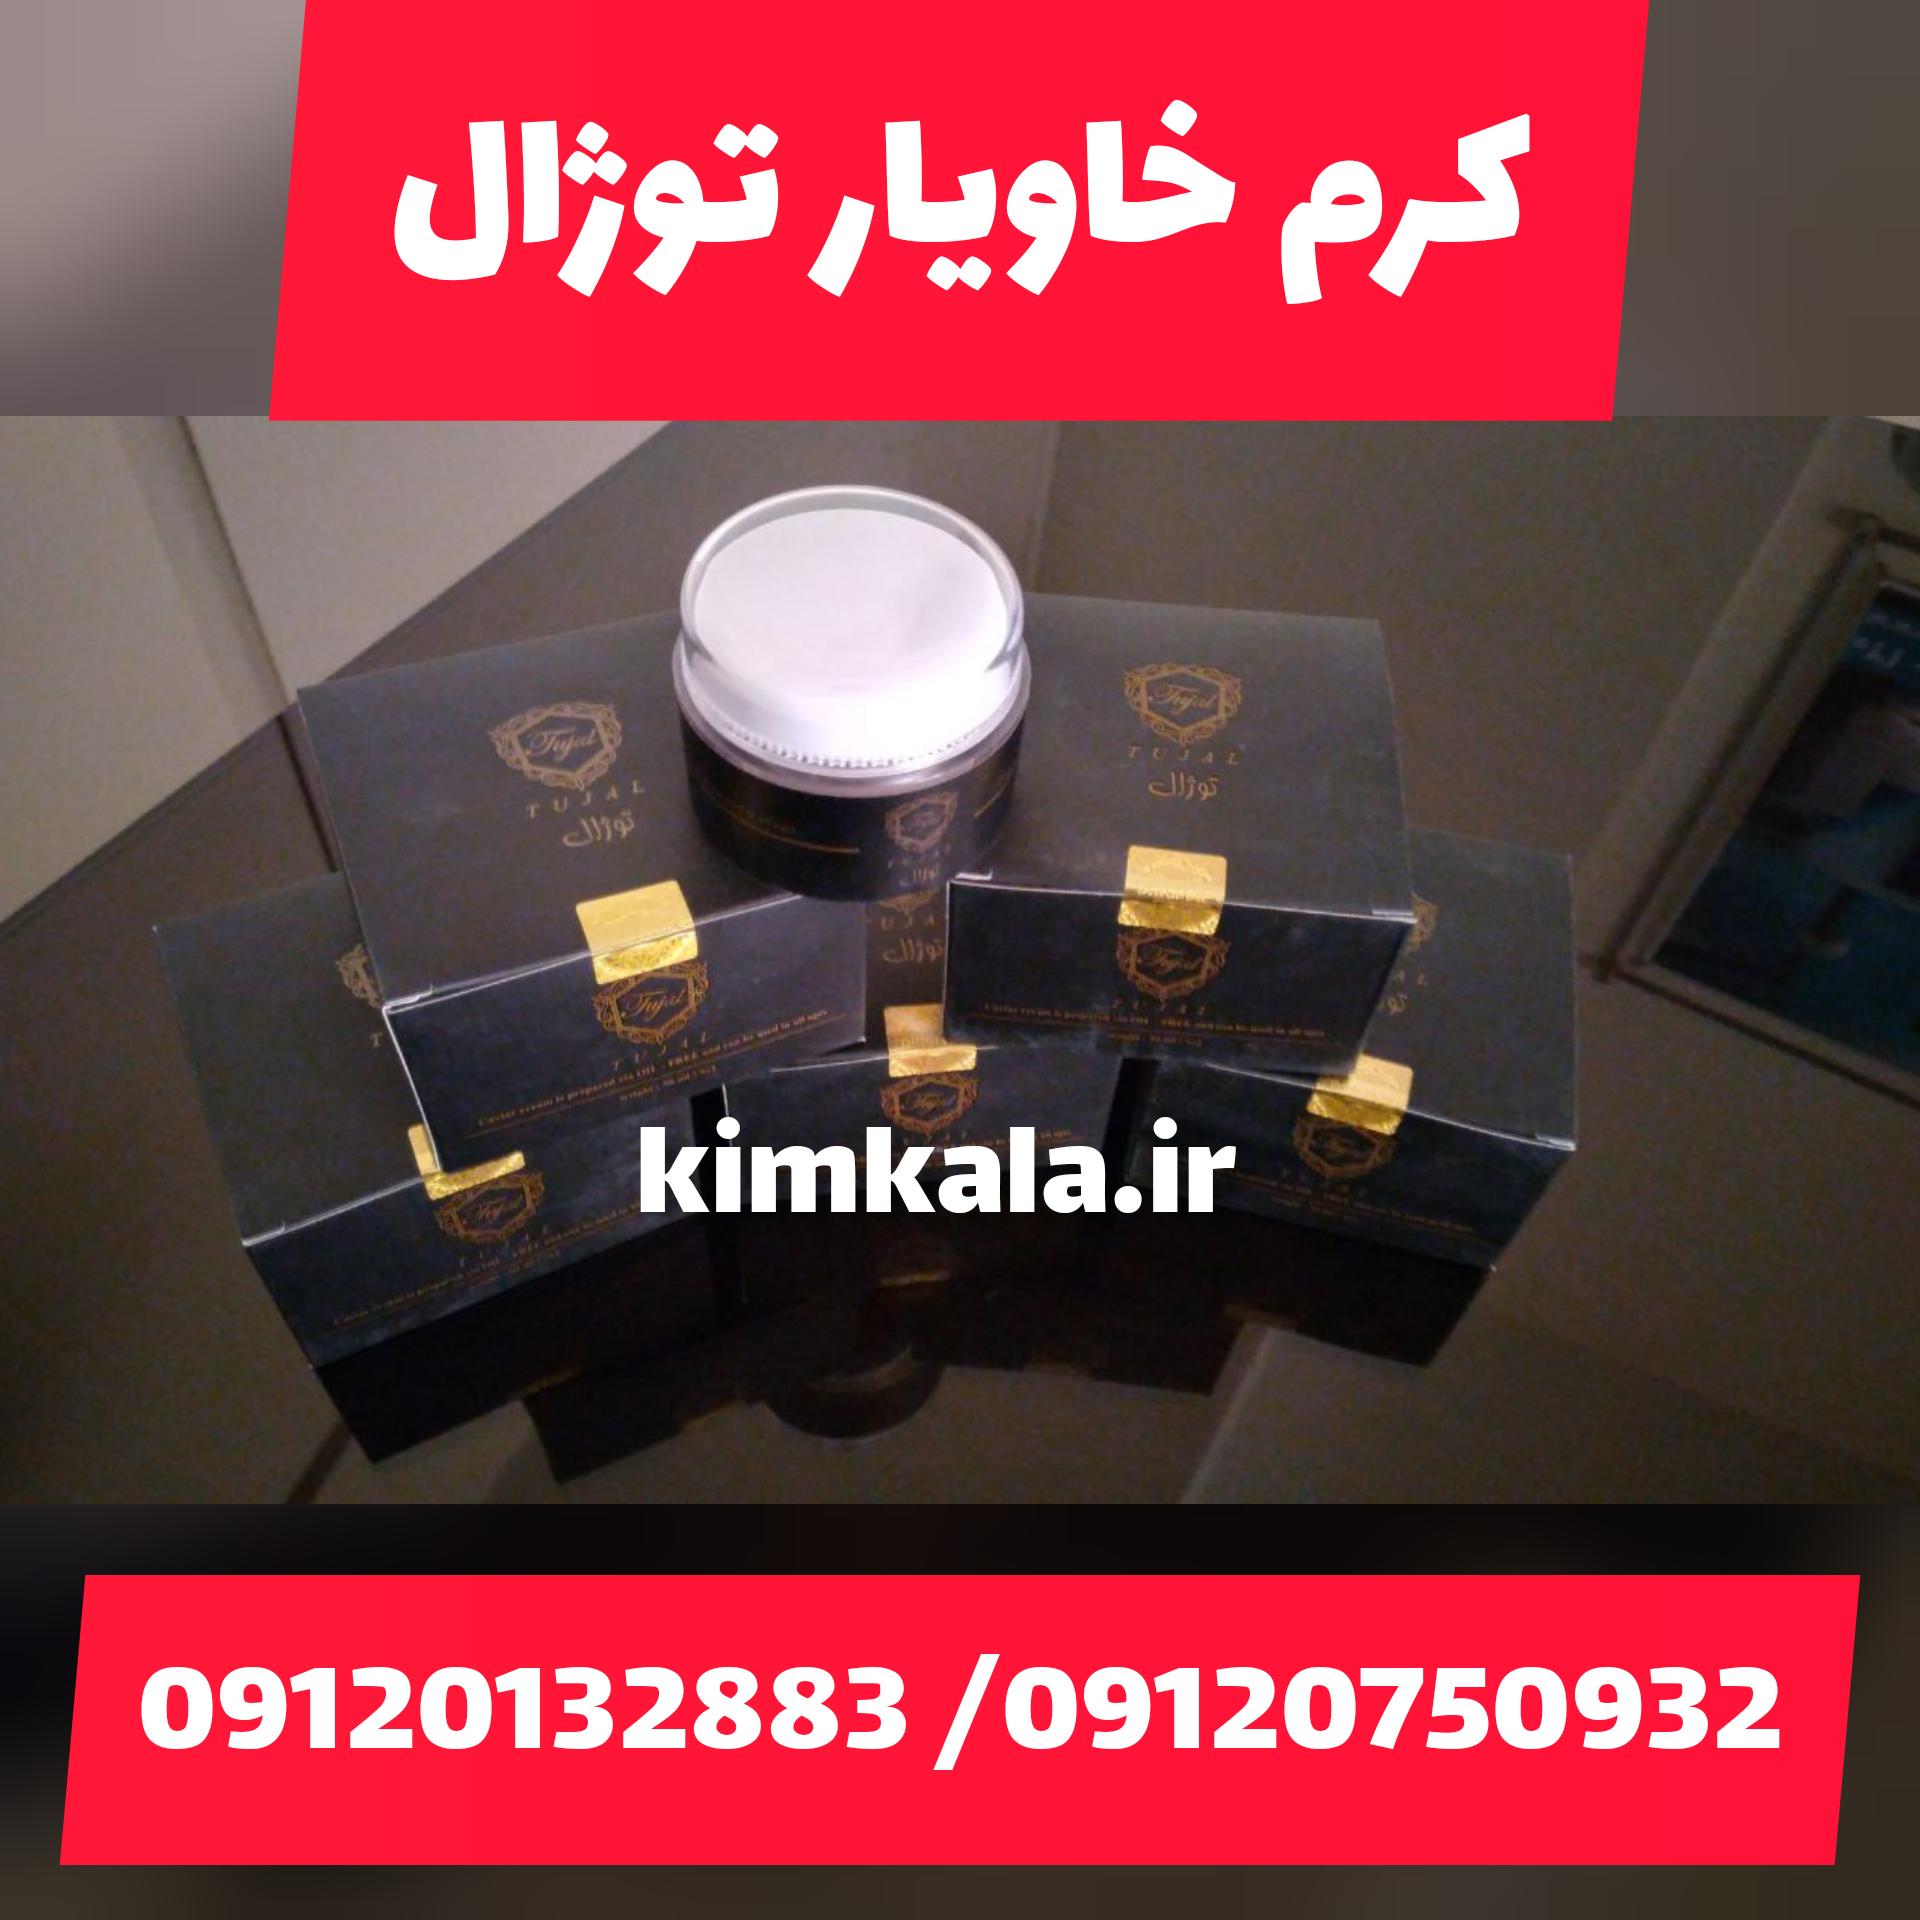 فروش انواع کرم خاویار/09120750932/قیمت کرم خاویار توژال